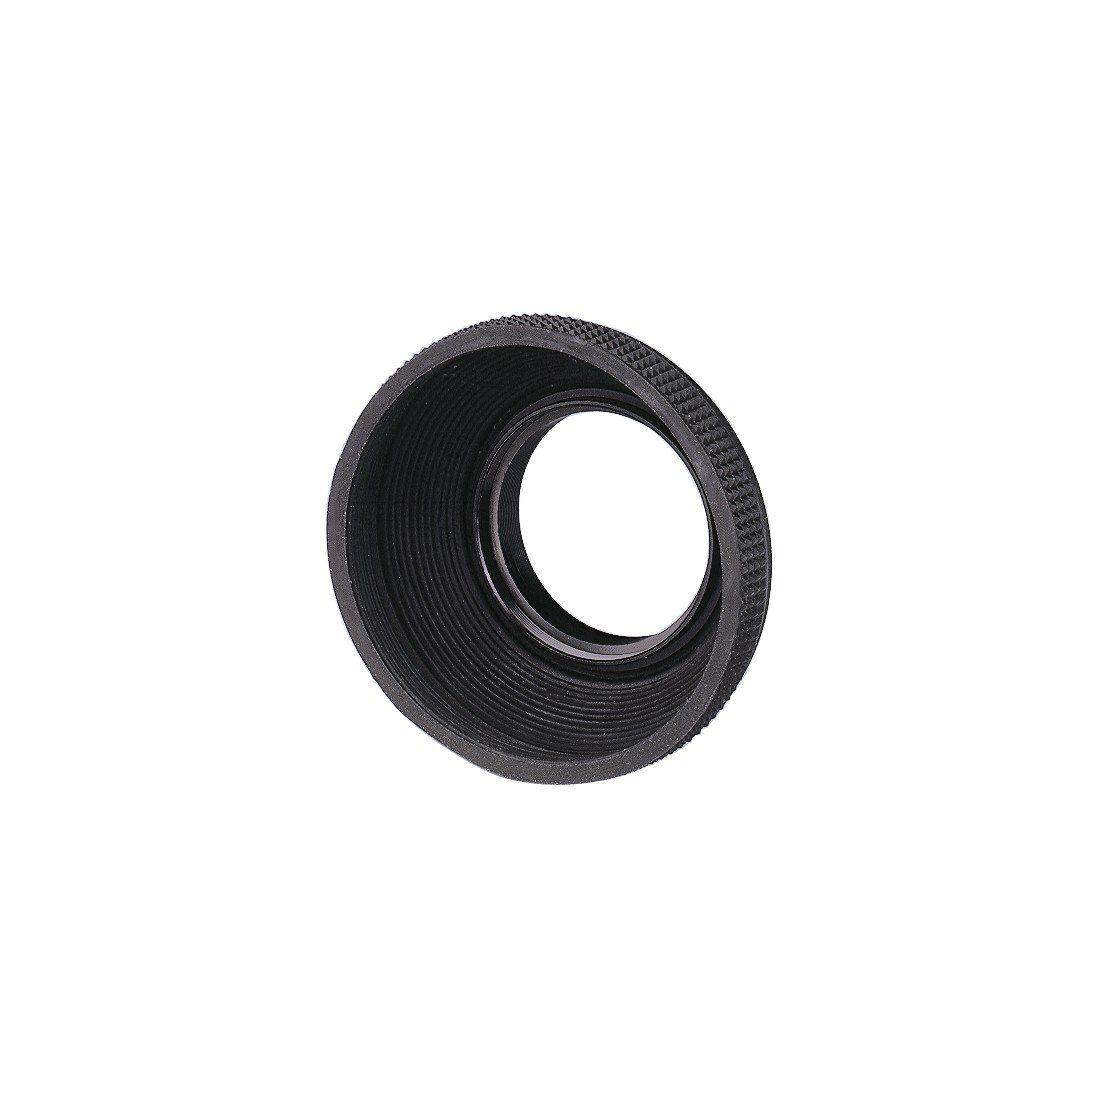 Hama Gegenlichtblende ST für Standard-Objektive, faltbar, 52 mm